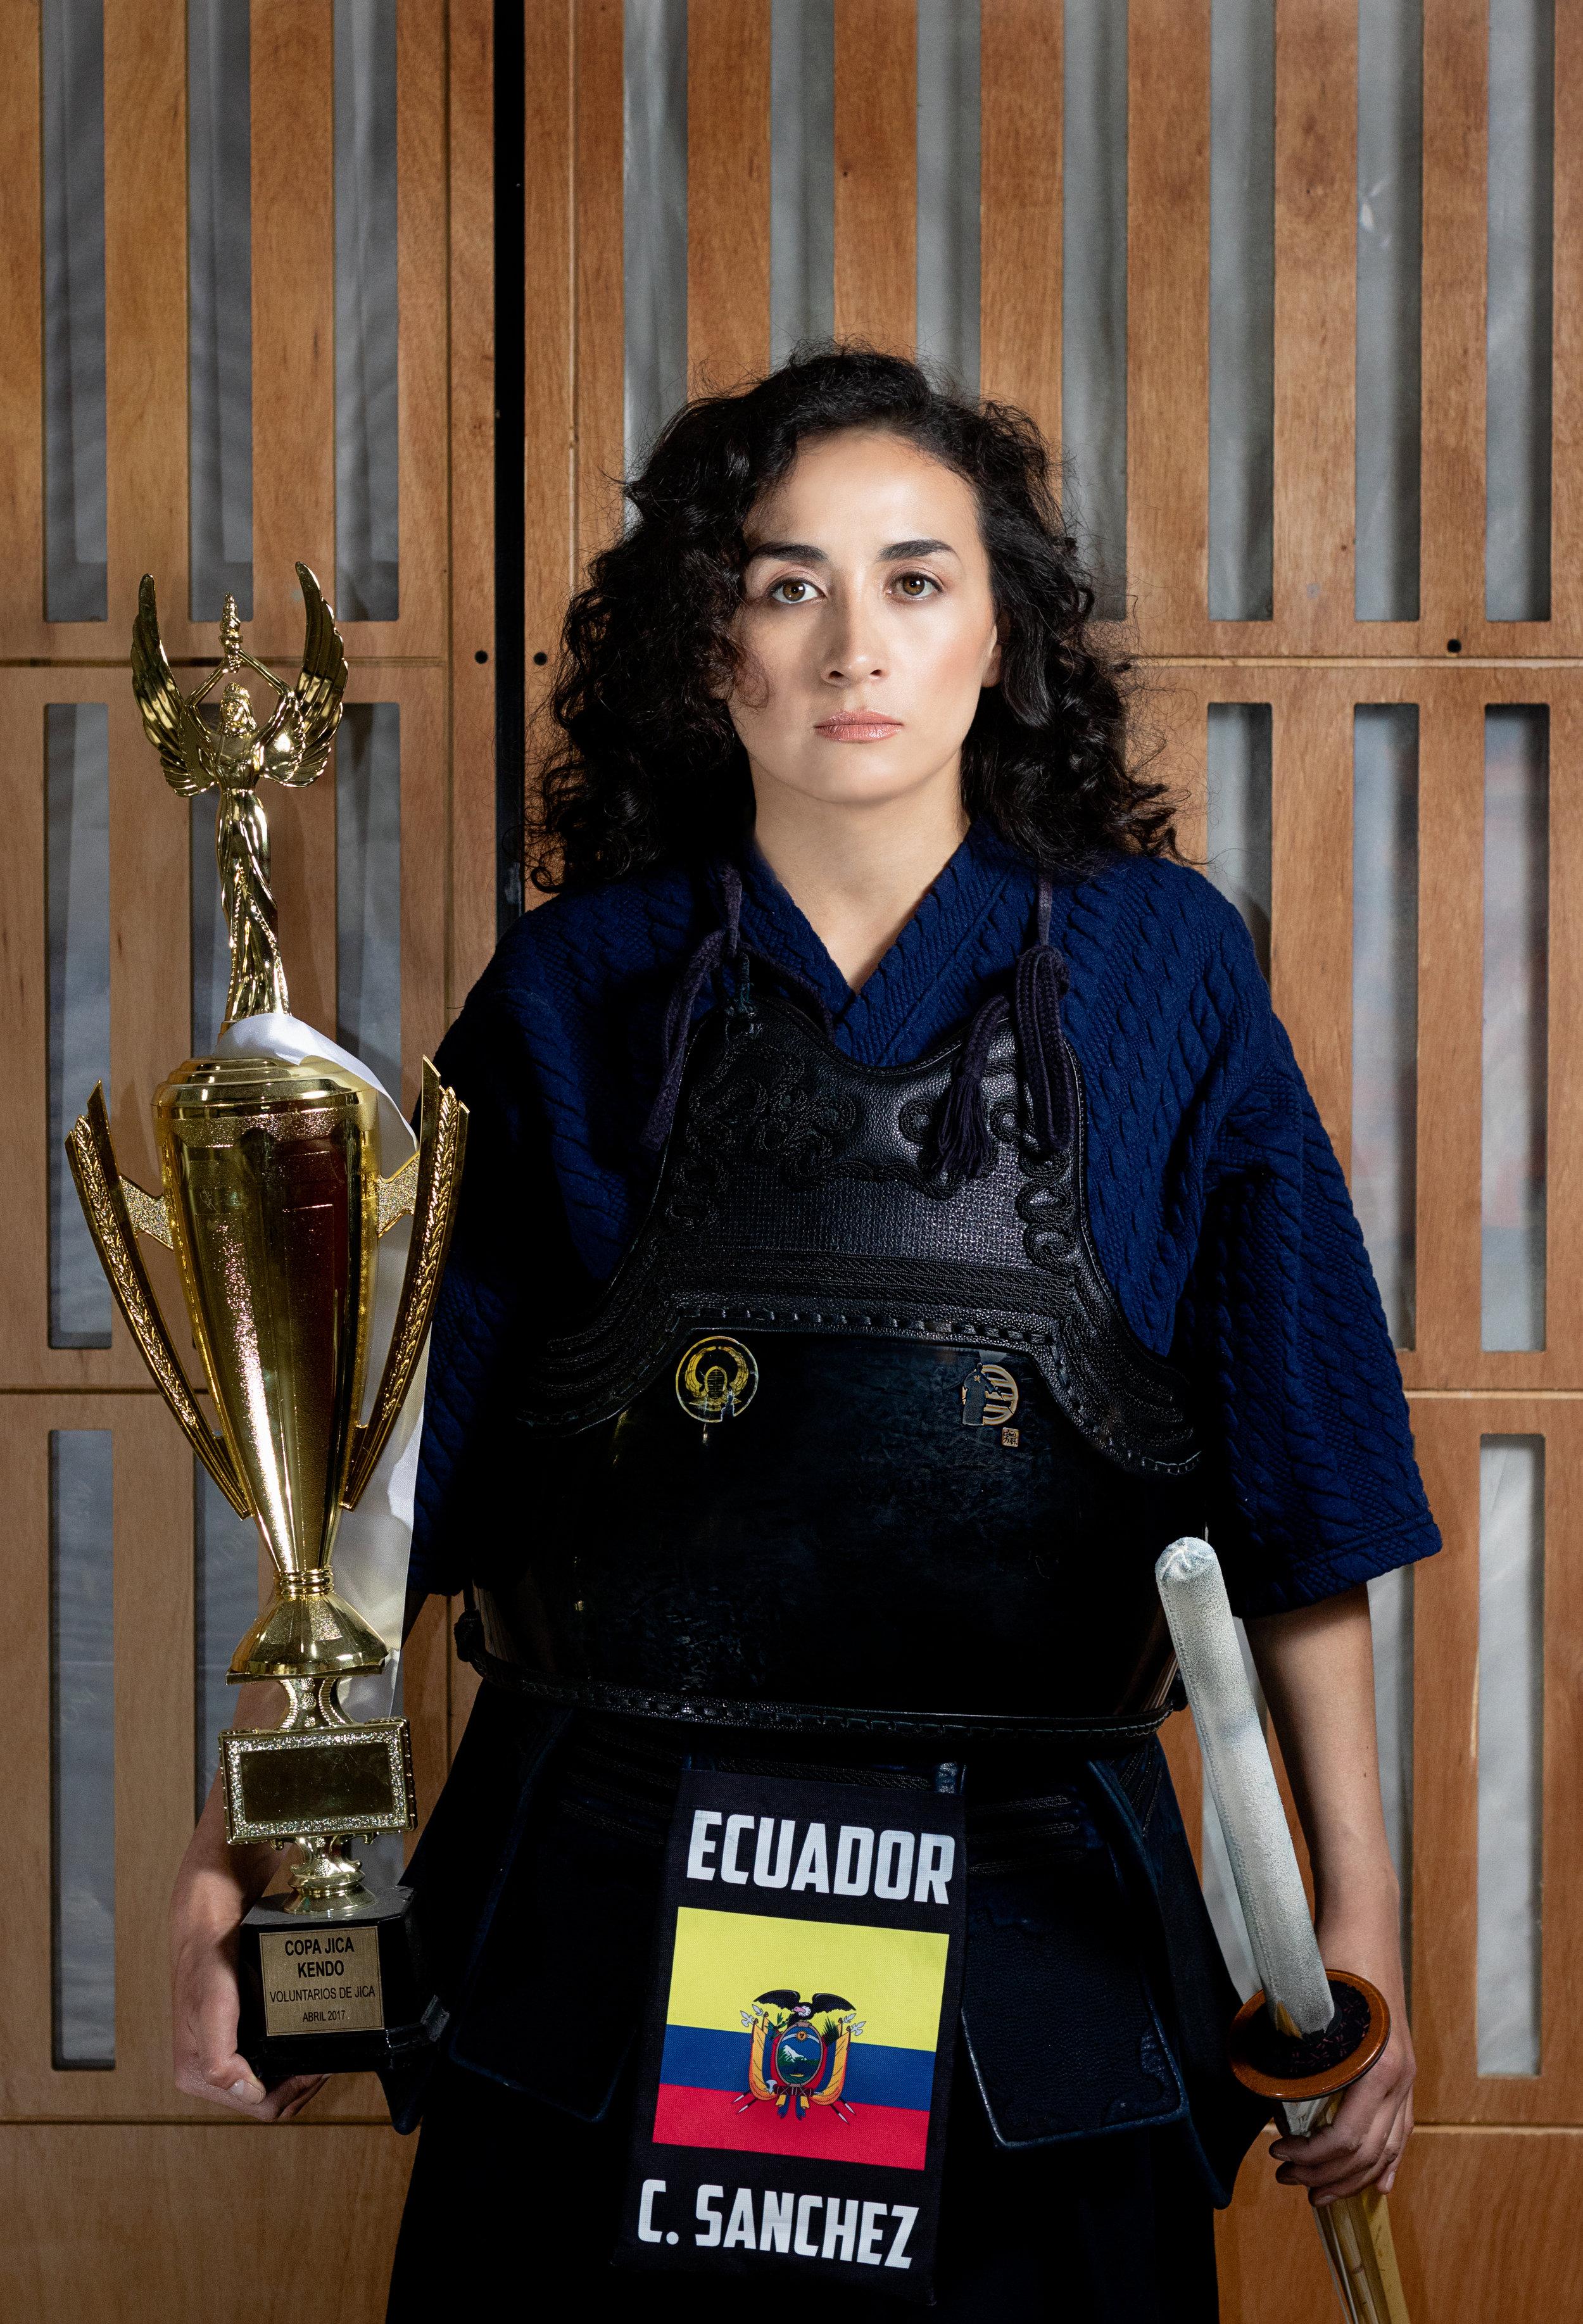 Carla Sánchez. (Kendo 4to Dan) Copa Embajador, Quito 2018.